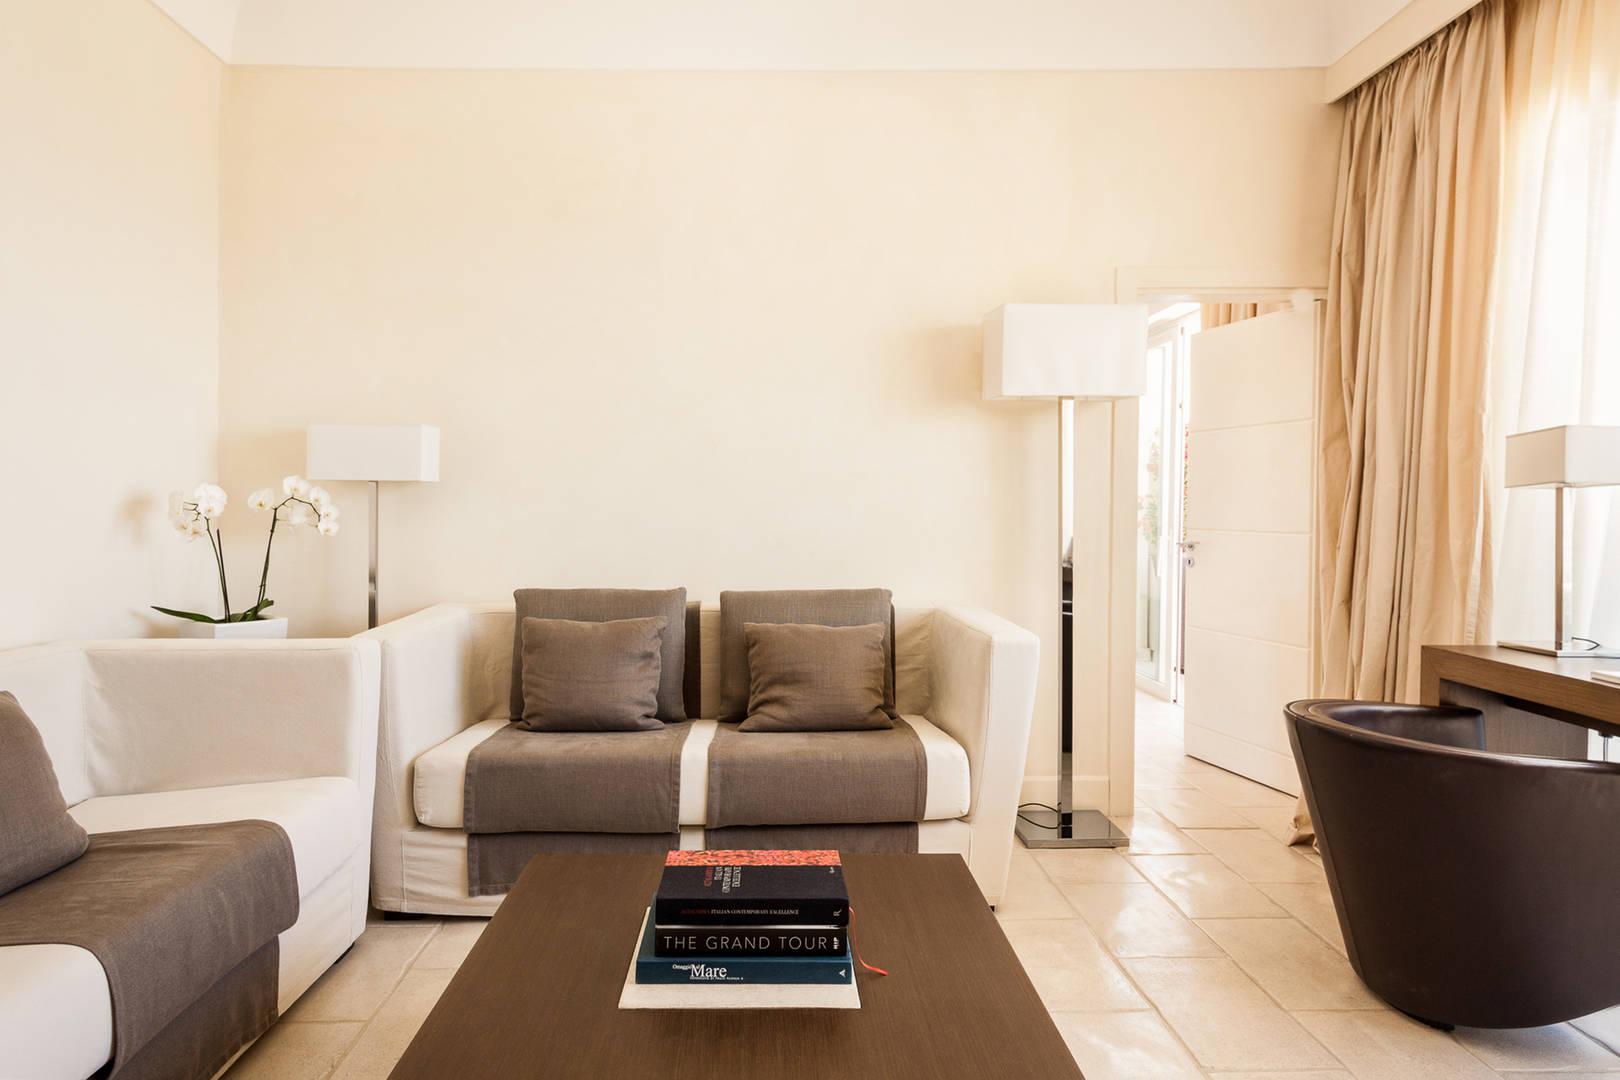 Art Suite Miro living room